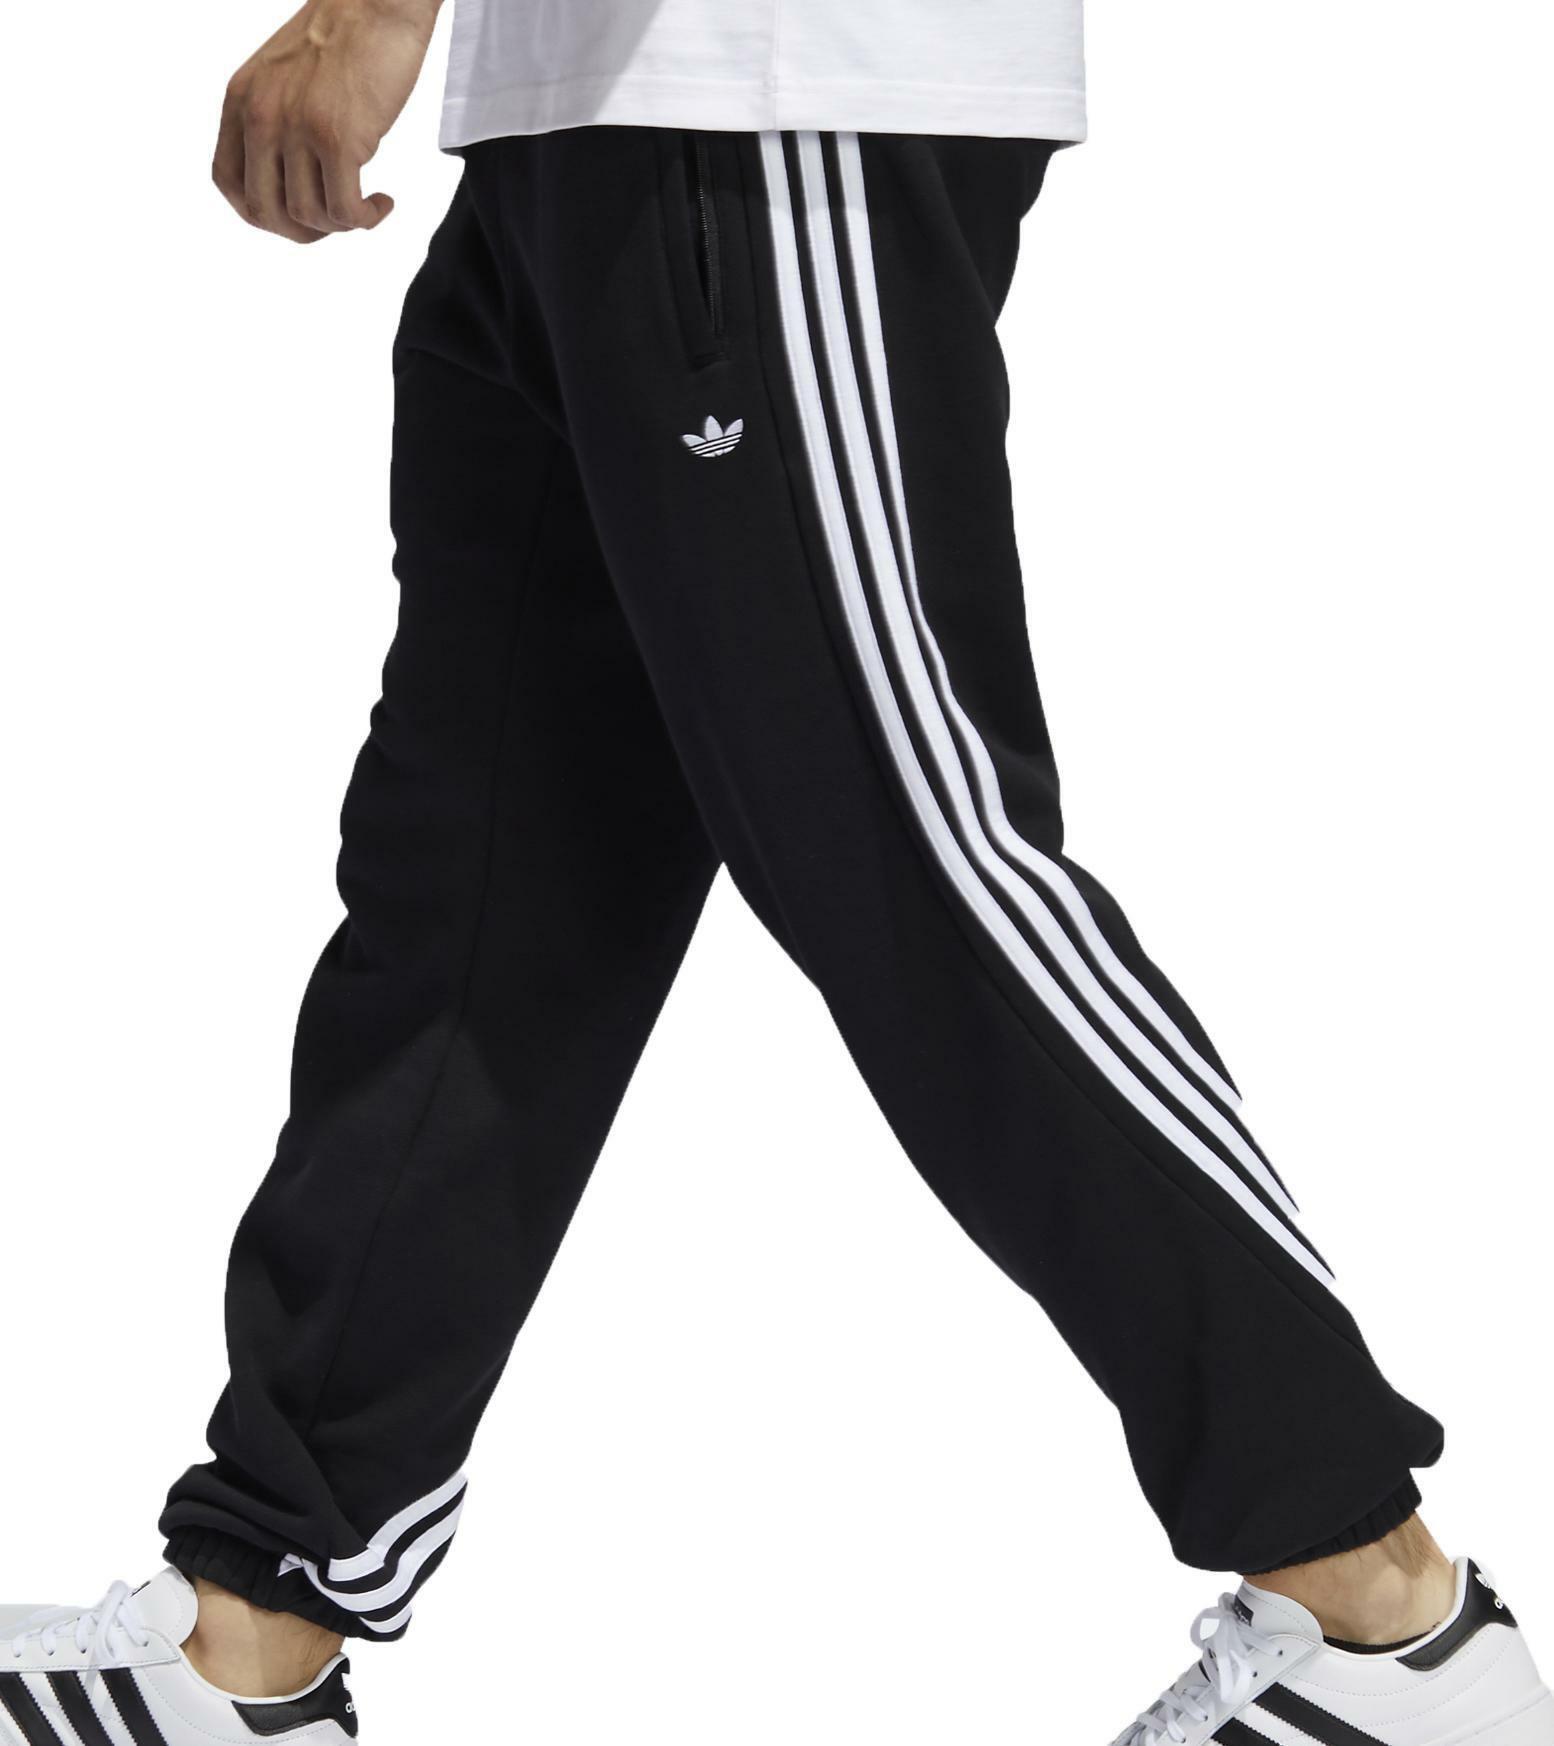 pantaloni neri adidas uomo